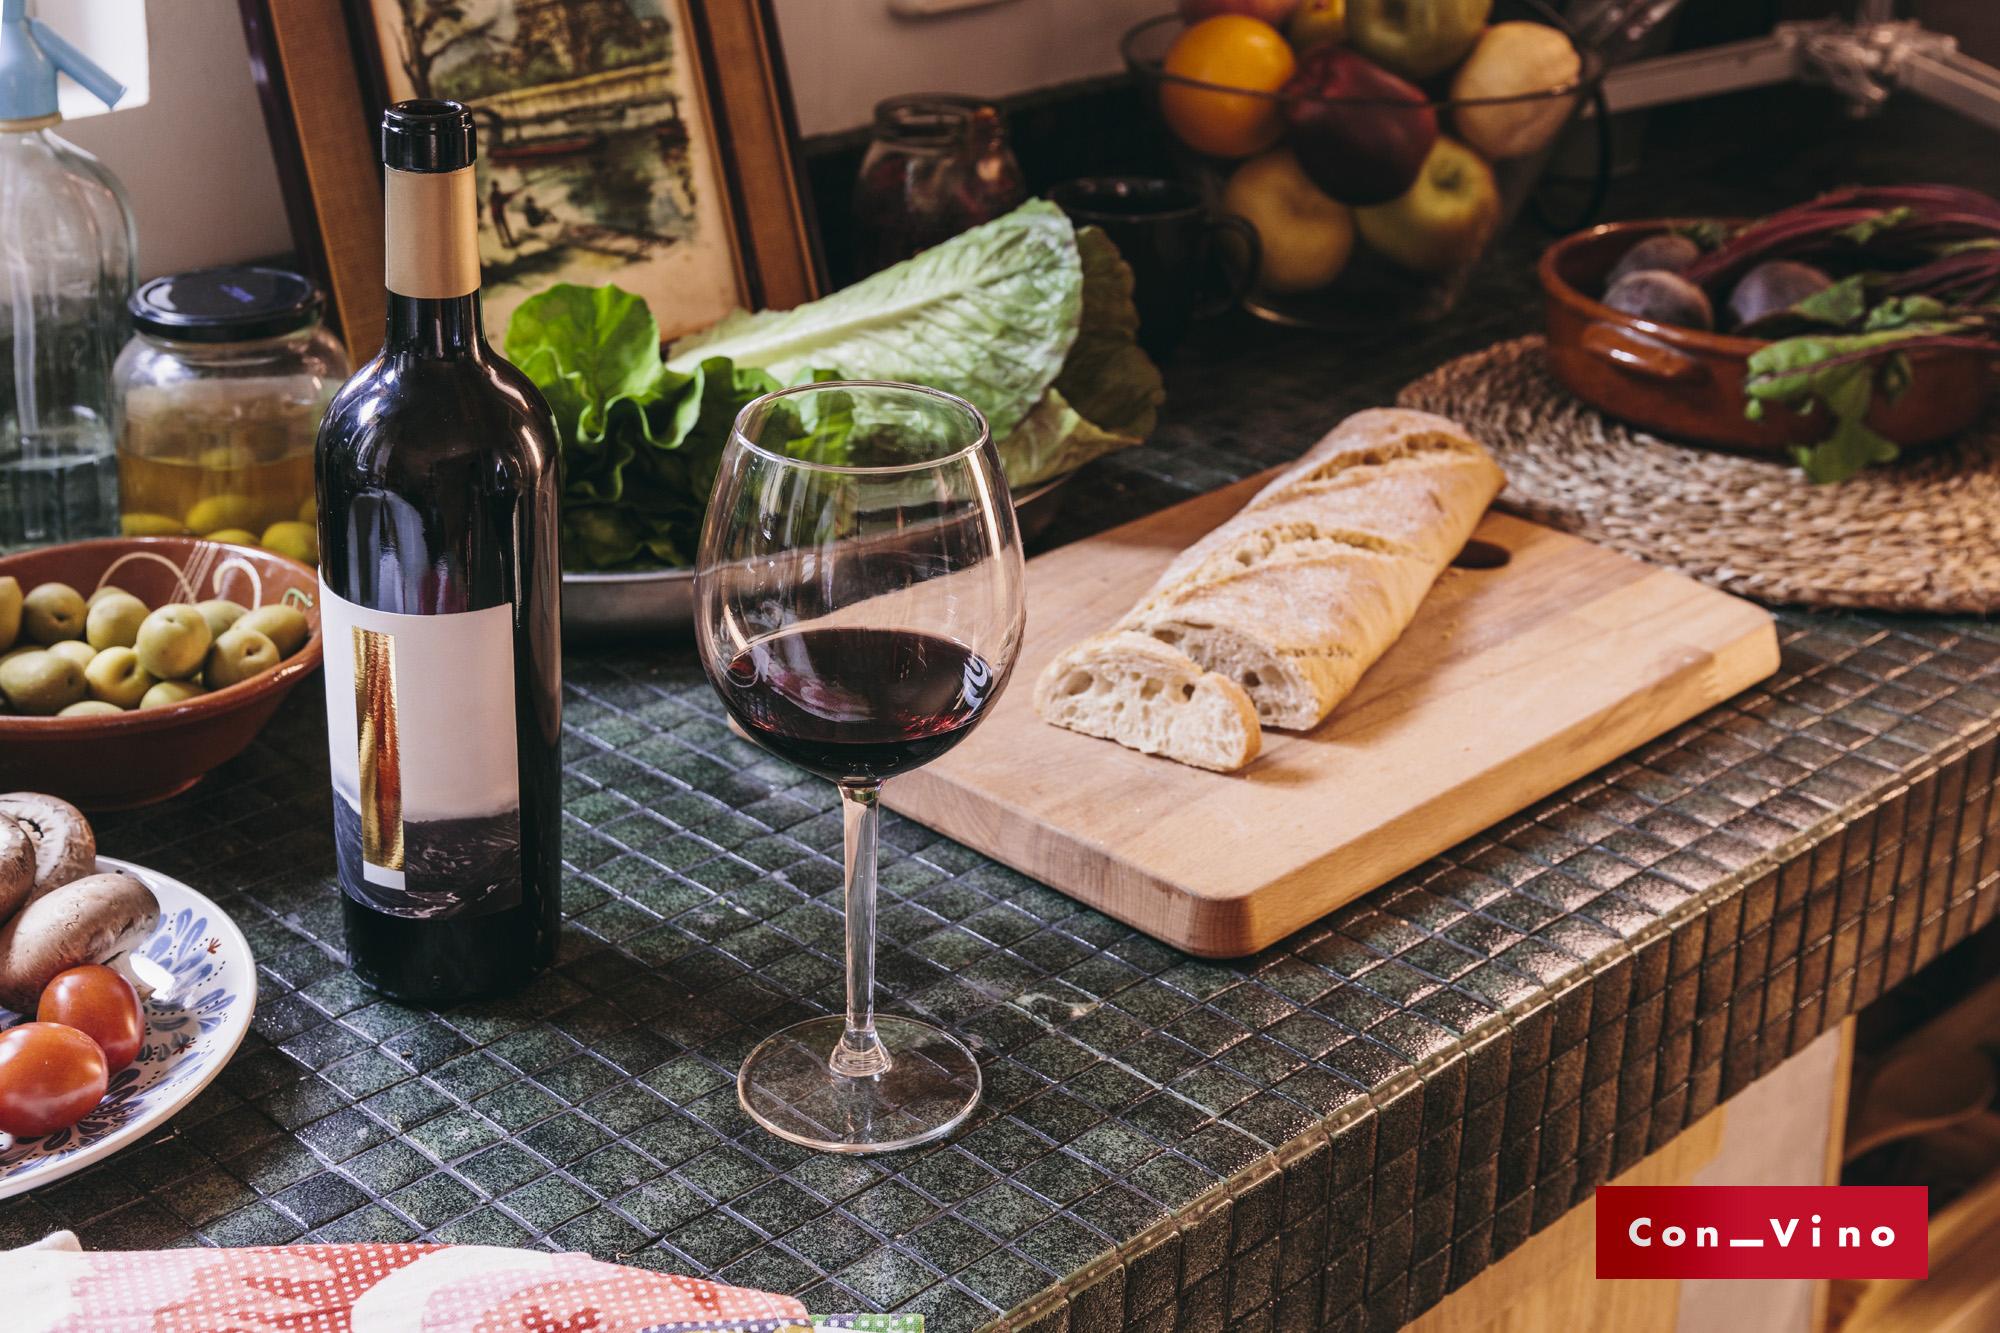 El vino, un alimento más de la pirámide nutricional mediterránea